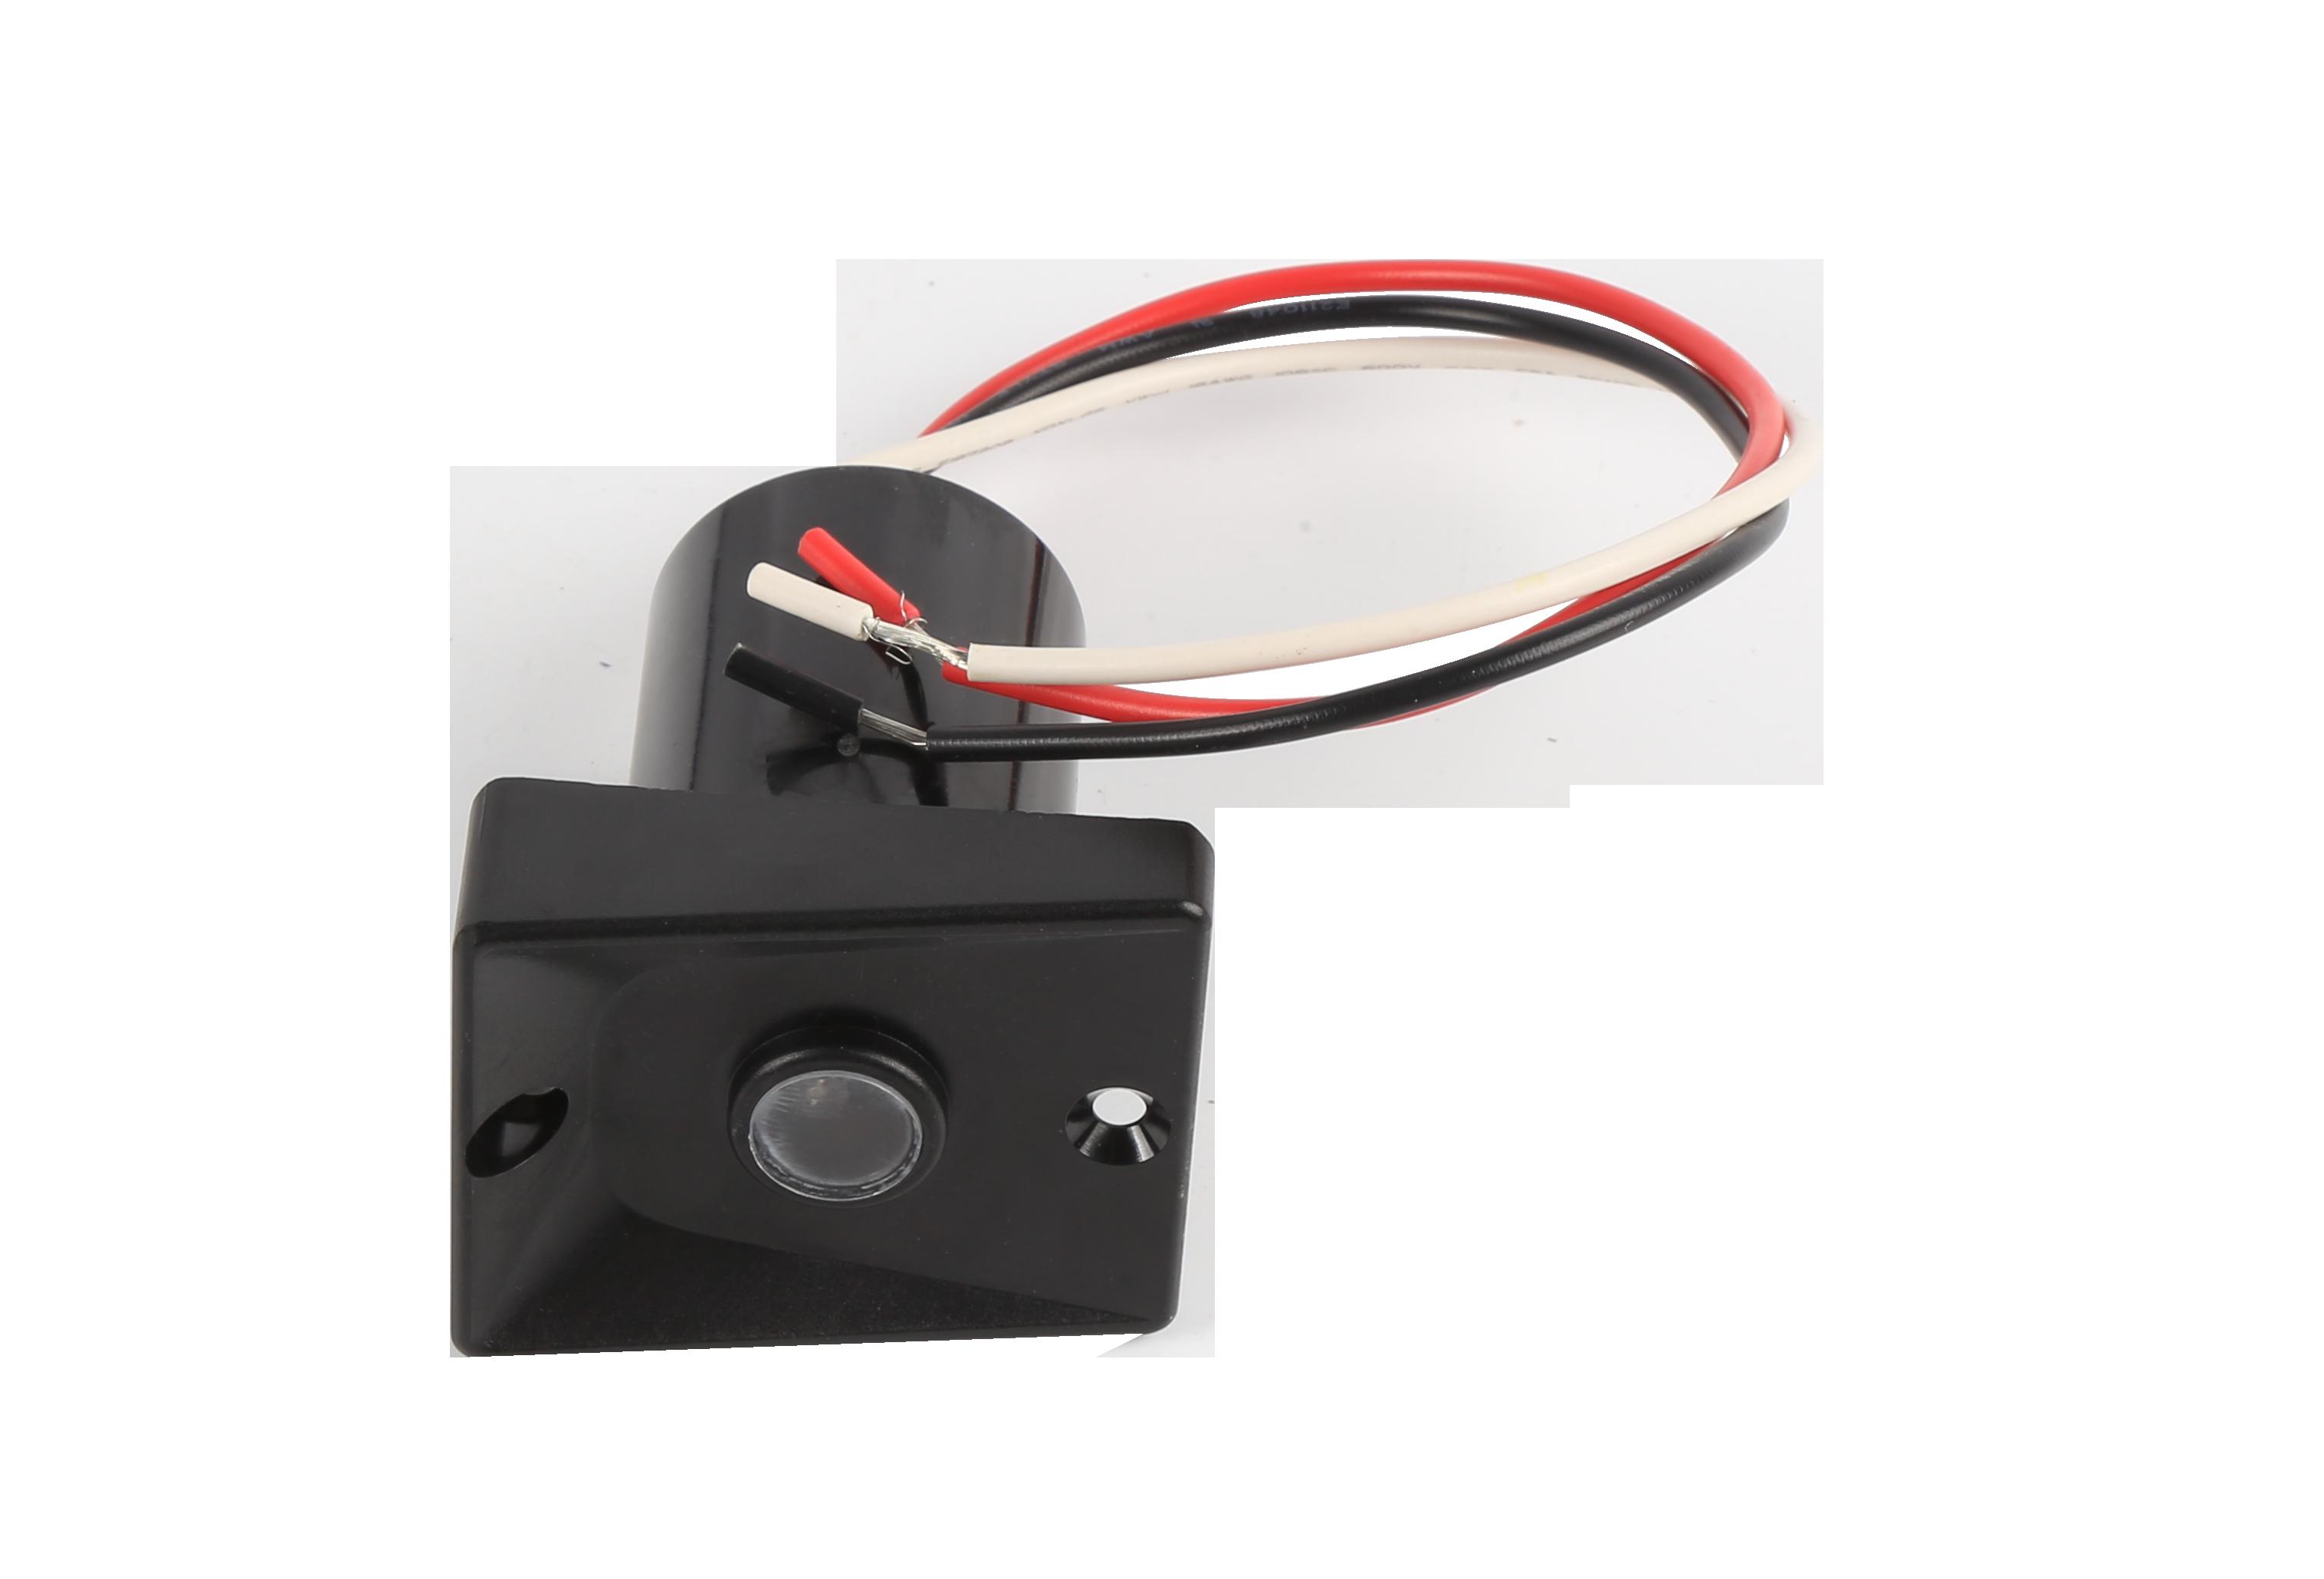 光控开关 热敏式 感应器 路灯 光感器 路灯控制器